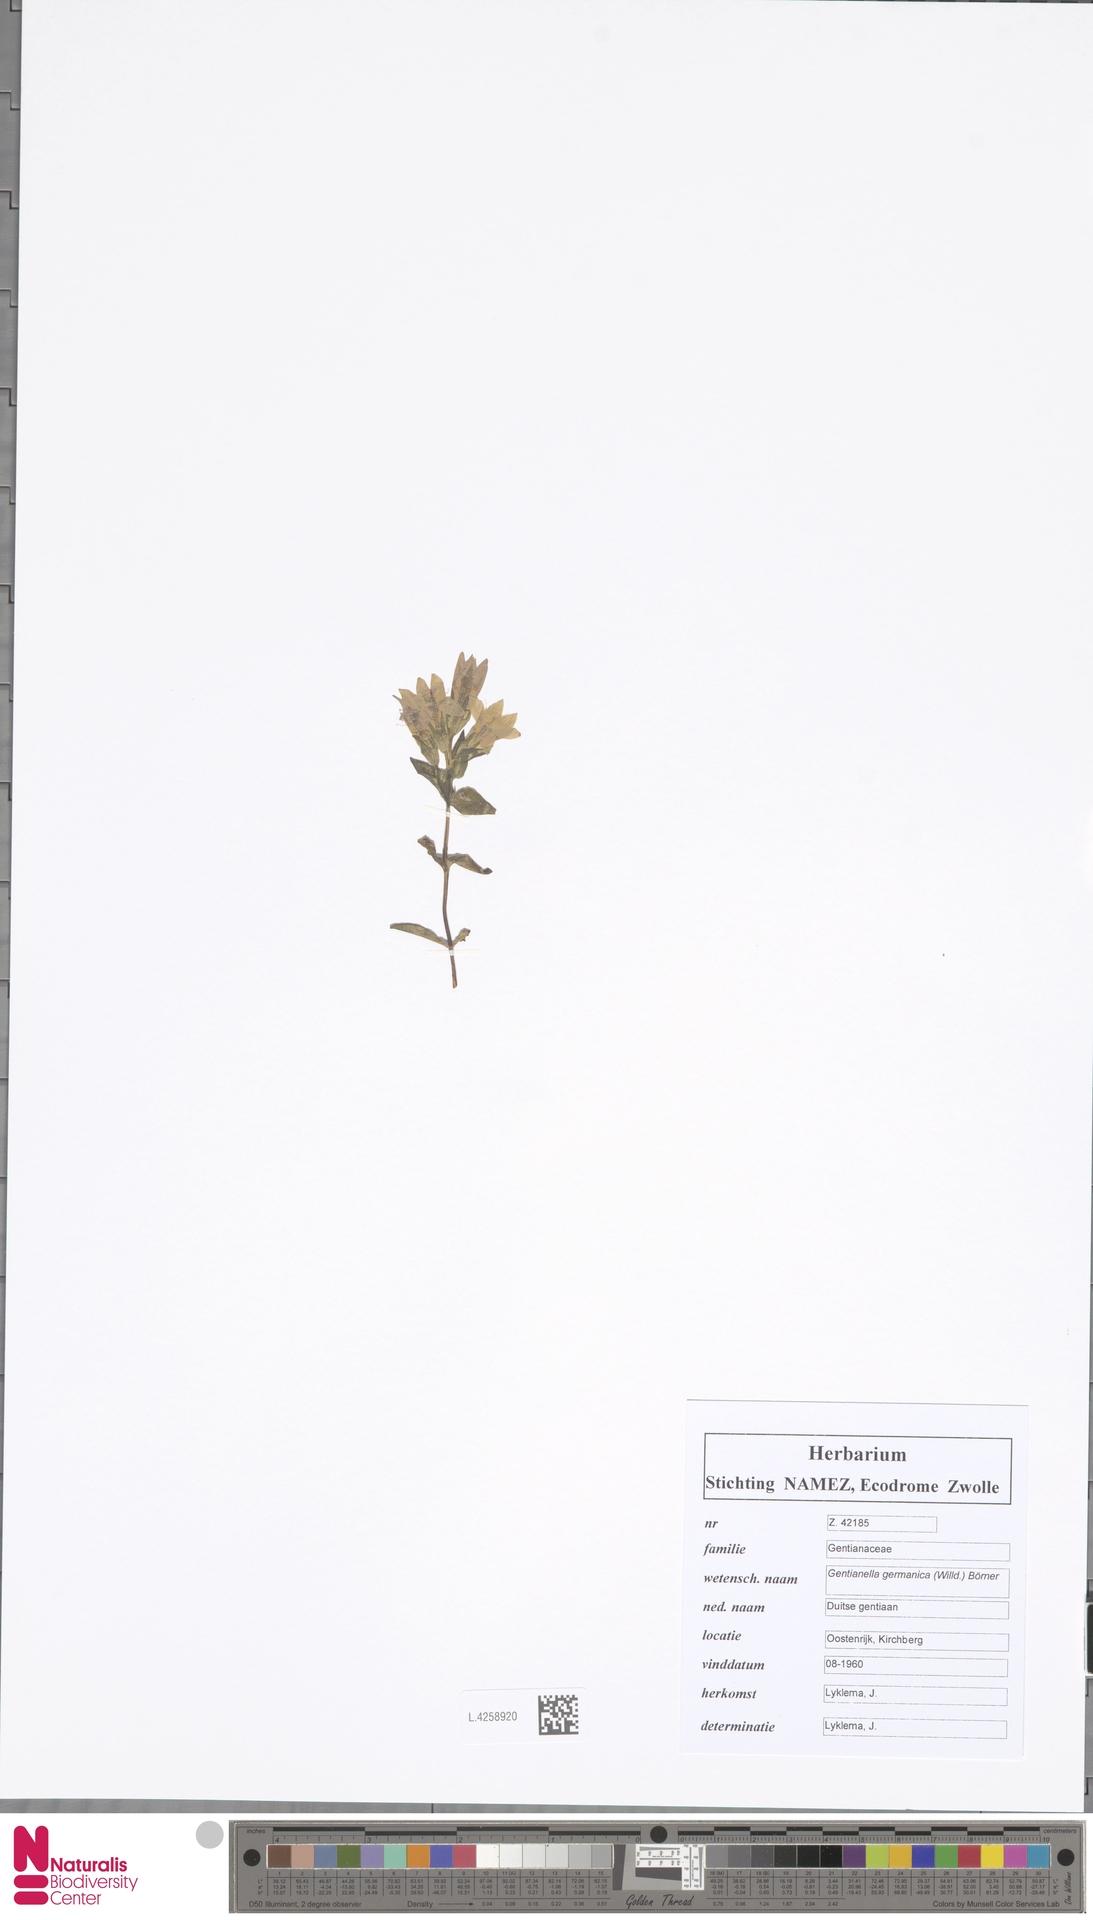 L.4258920 | Gentianella germanica (Willd.) E.F.Warb.